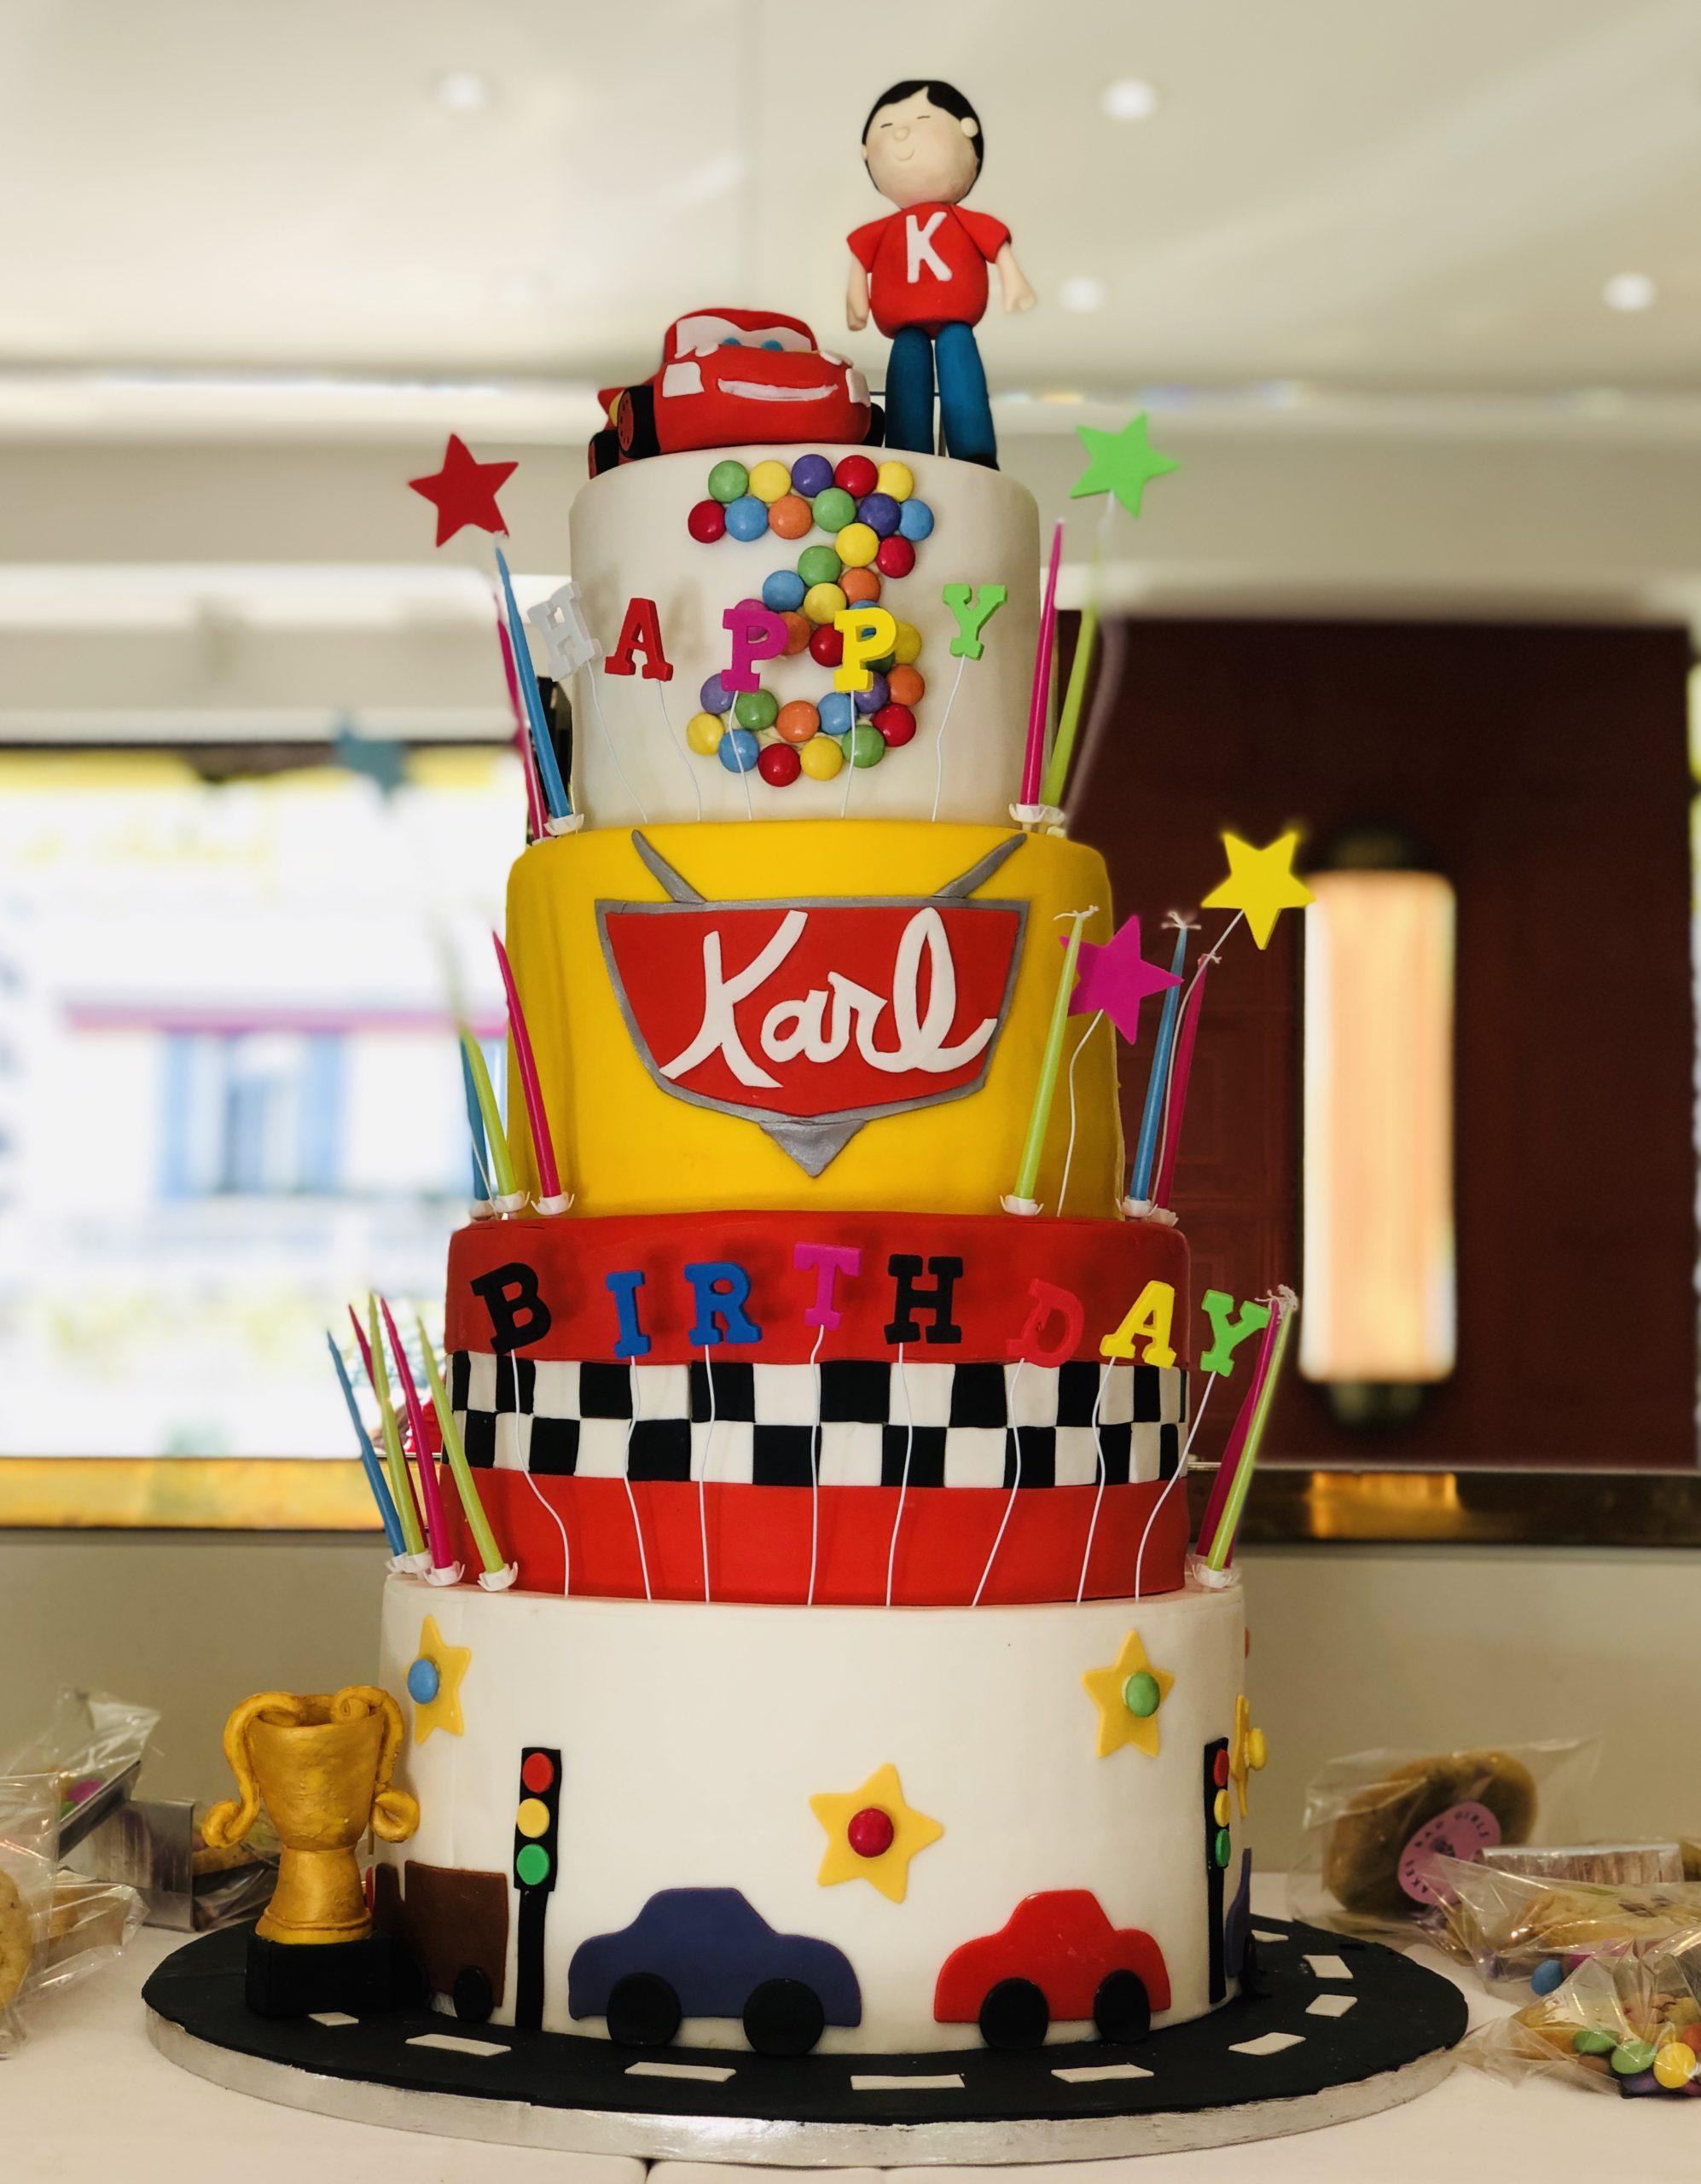 Bad Girls Good Cakes - Gâteau d'anniversaire enfant personnalisé